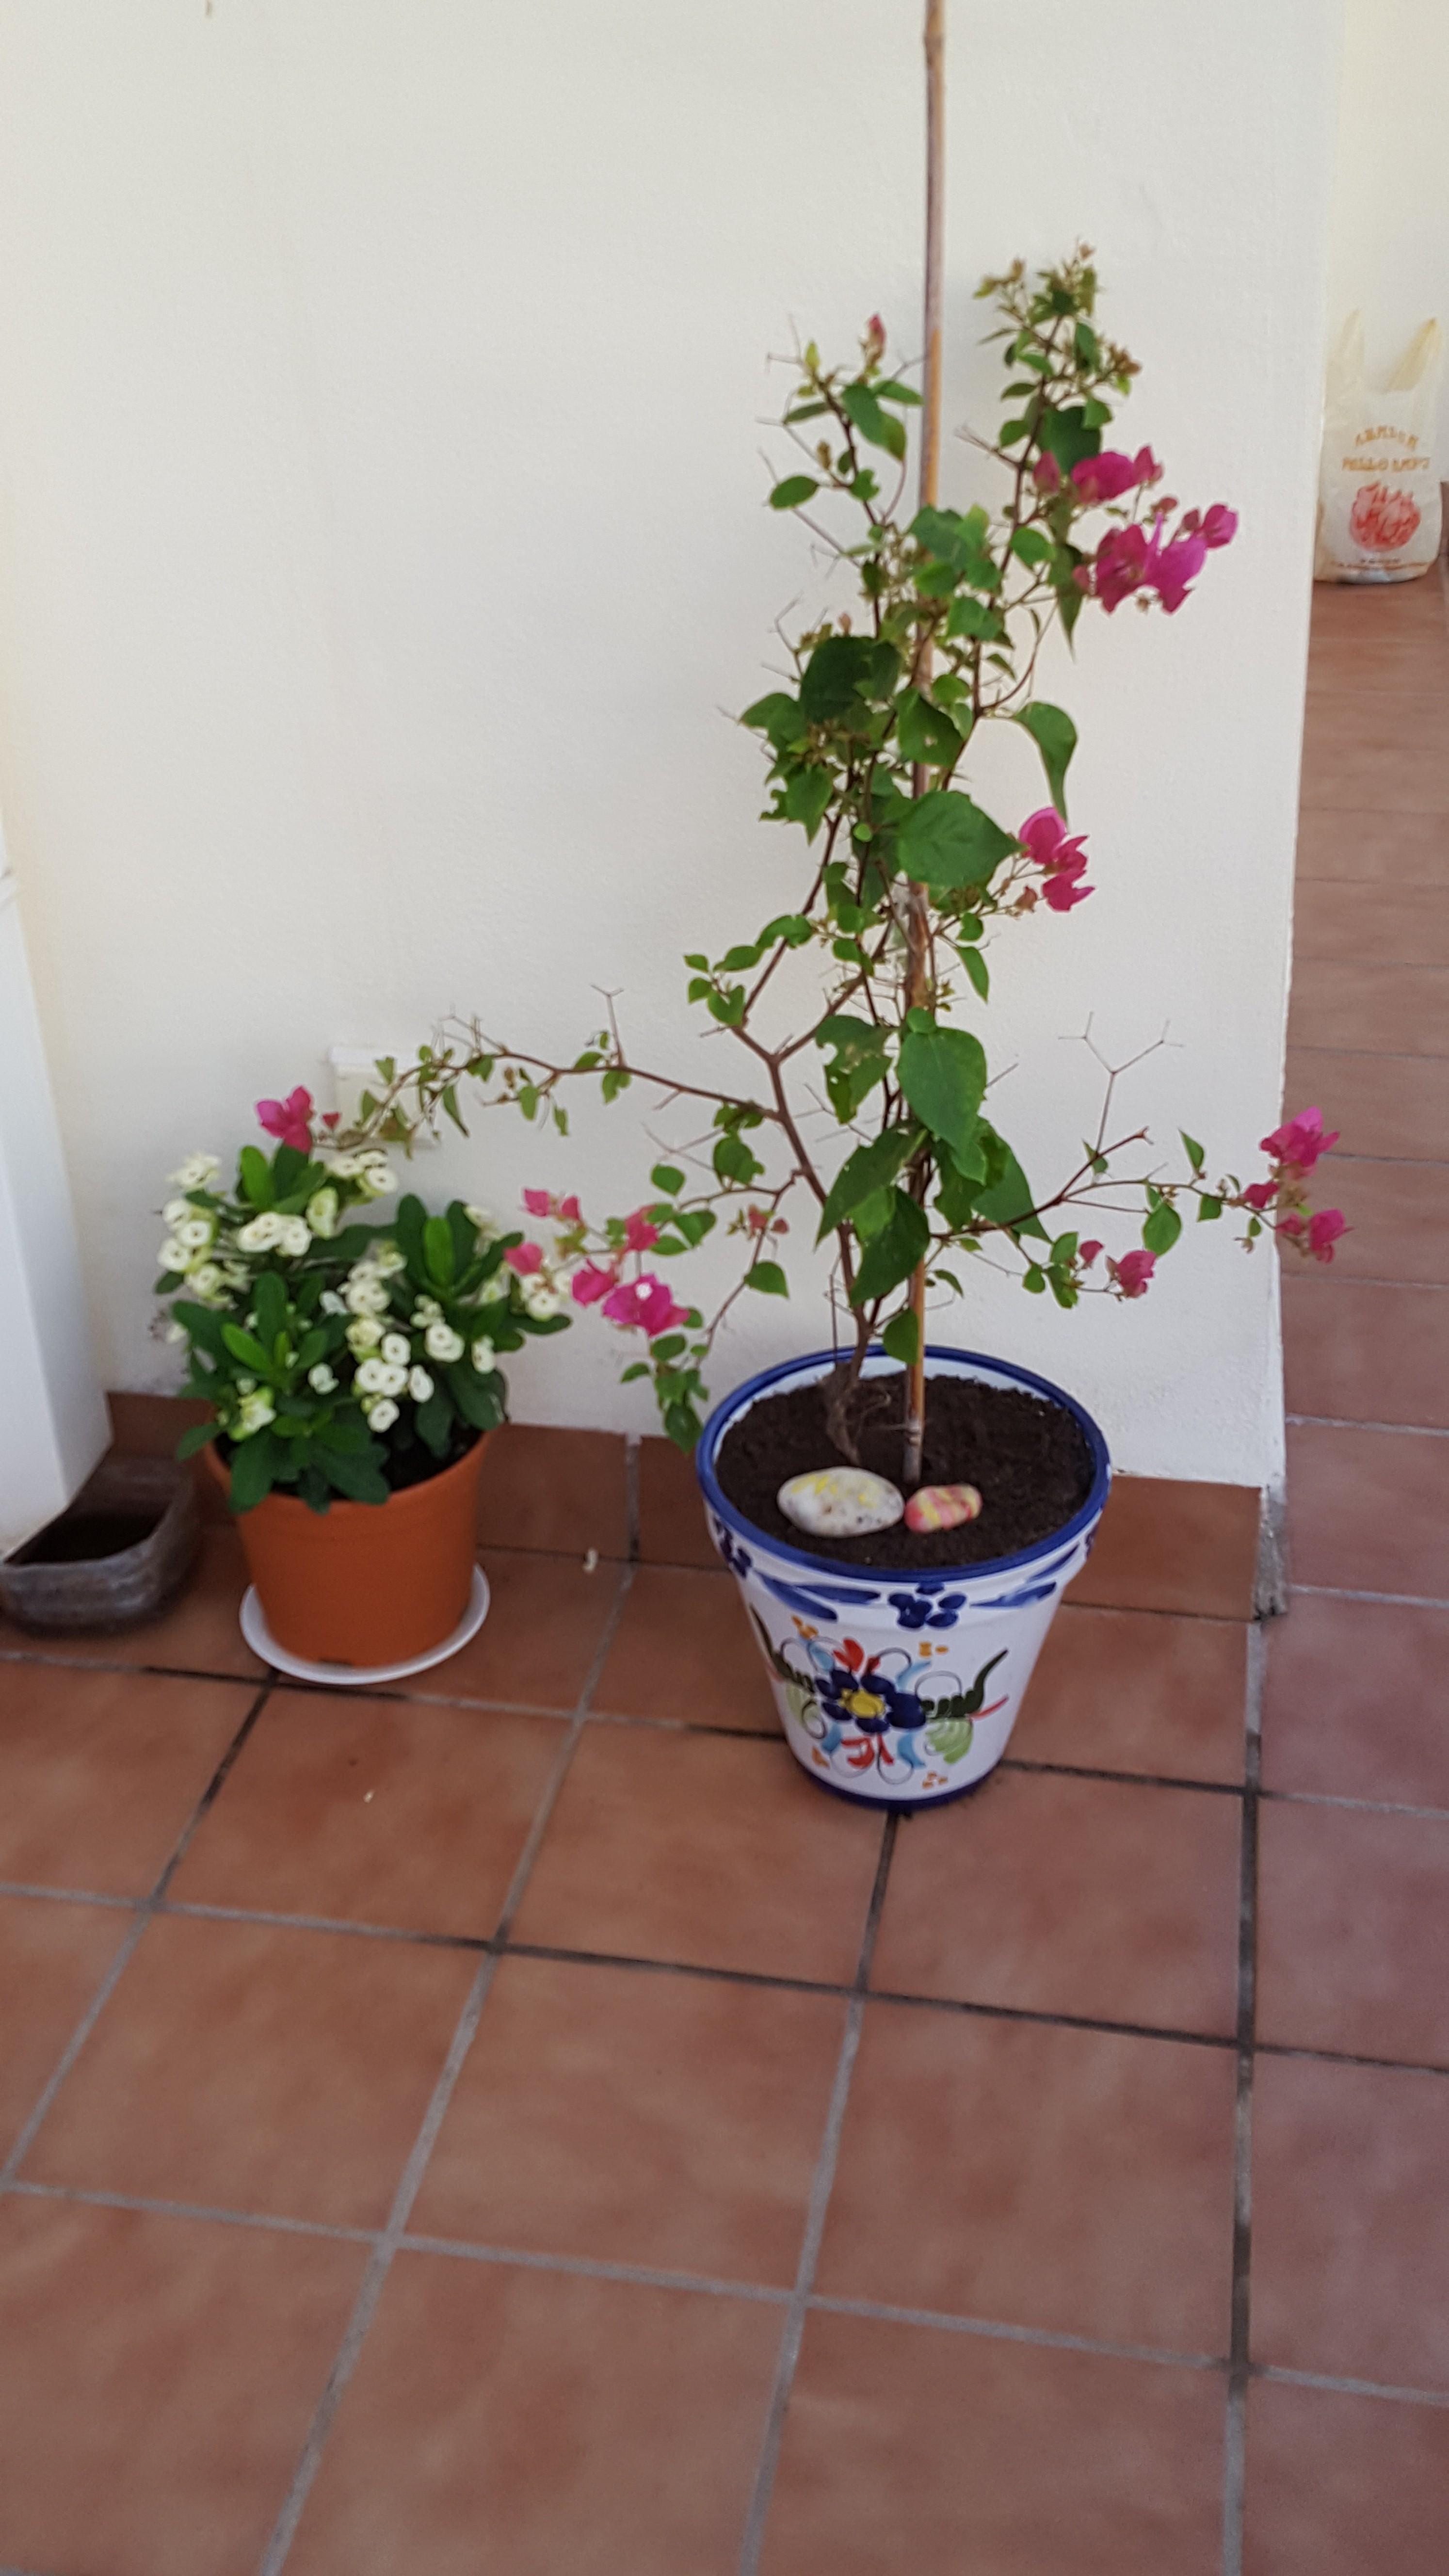 Ferienwohnung 3 Schlafzimmer Wohnung zu vermieten in Mojcar, Spanien (2388895), Mojacar, Costa de Almeria, Andalusien, Spanien, Bild 24